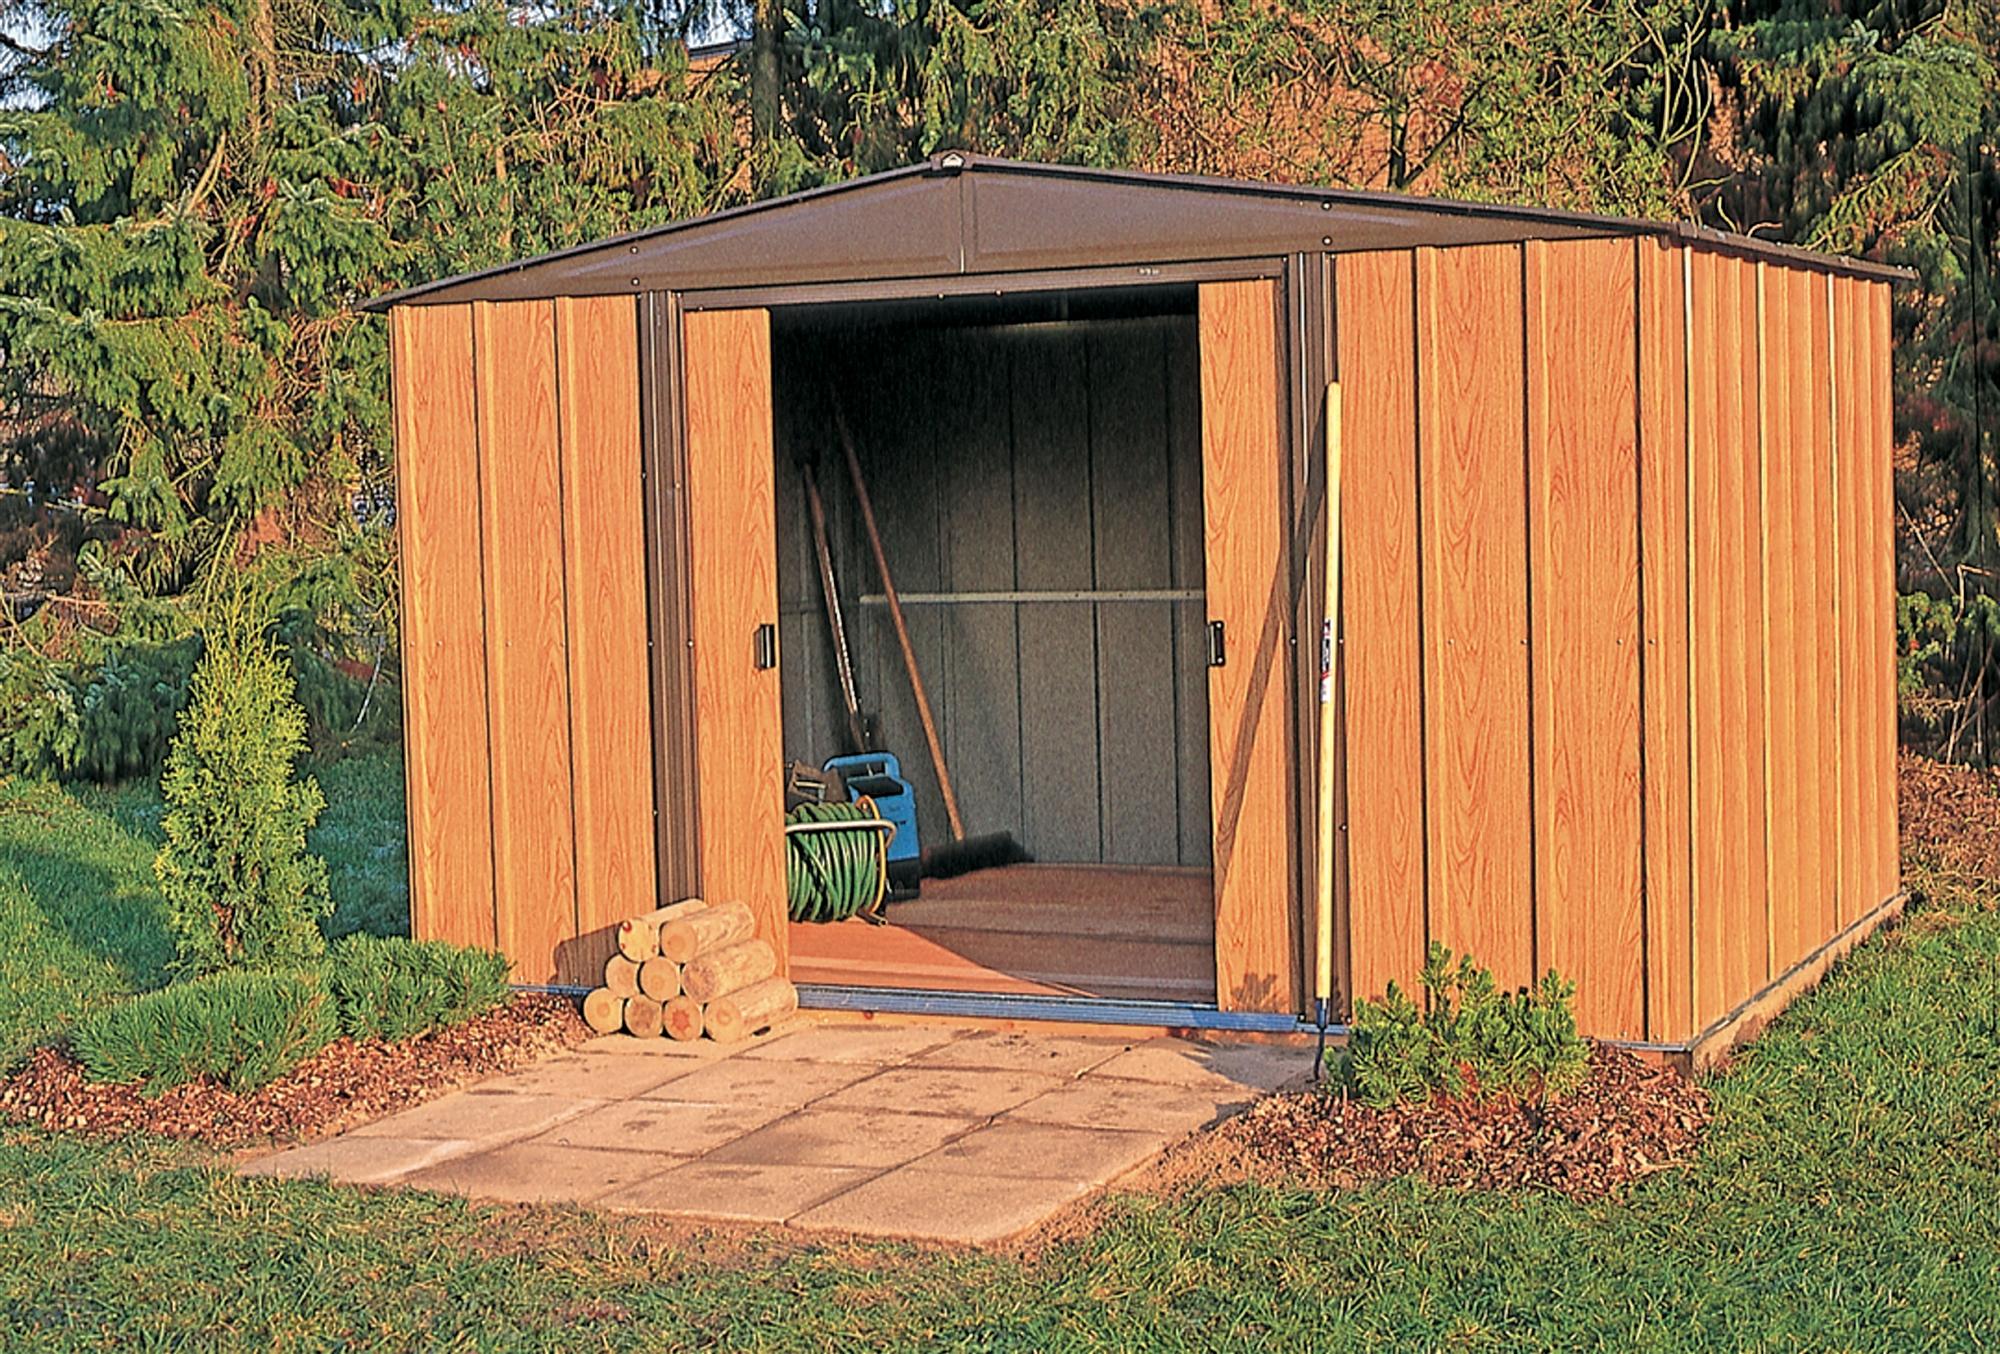 Abris De Jardin Acier Galvanise Maison Design Hosnya Com # Abris De Jardin Elise